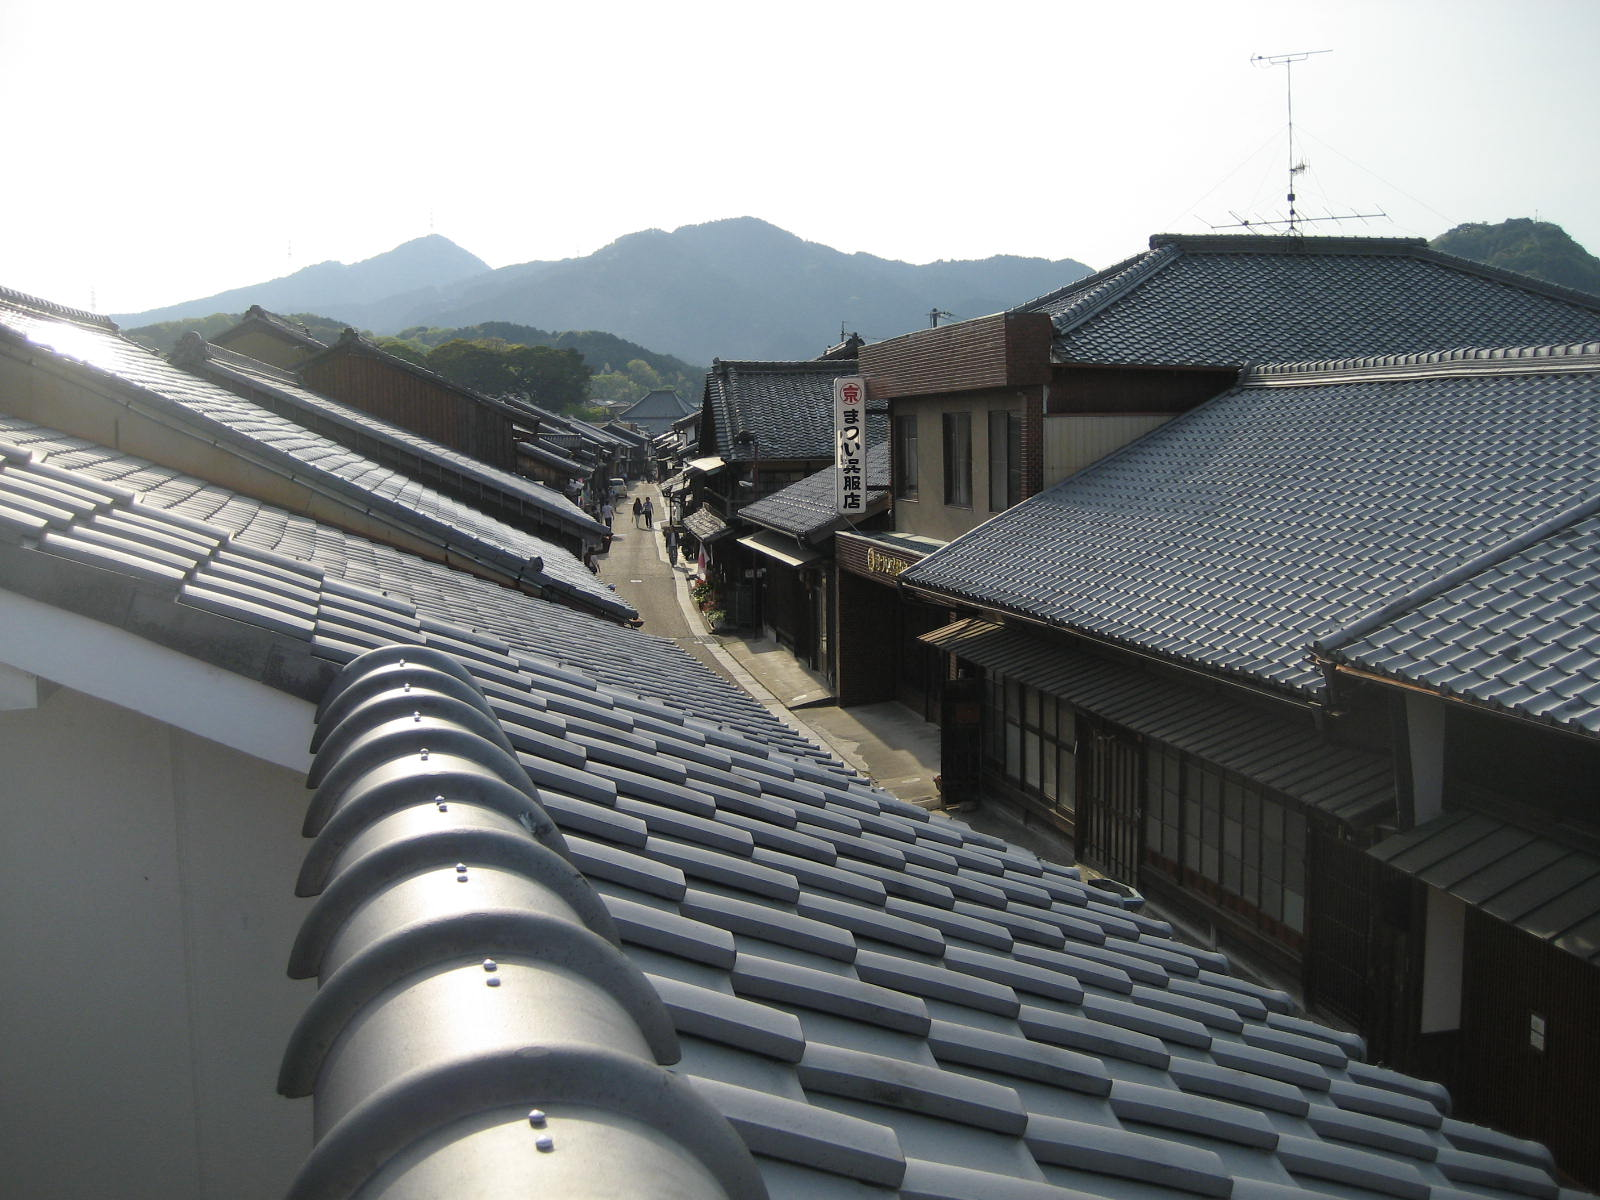 街道歩き | 不妊|鍼灸|大阪|卵子の質|鍼灸治療は三ツ川レディース鍼灸院